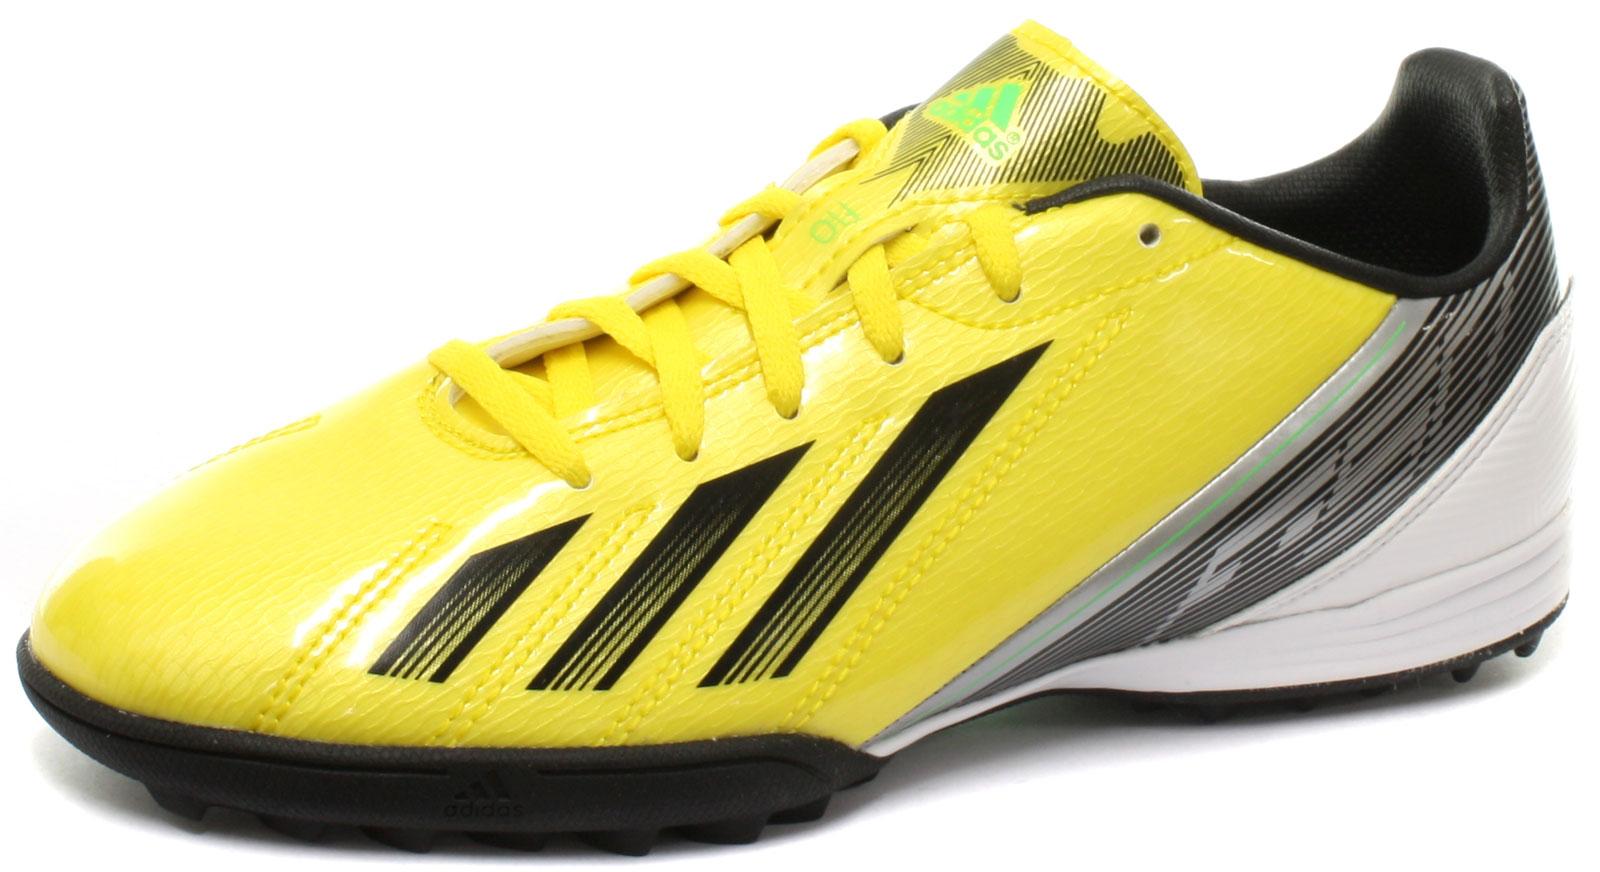 New-adidas-F10-TRX-TF-Astroturf-Junior-Football-Boots-Size-UK-5